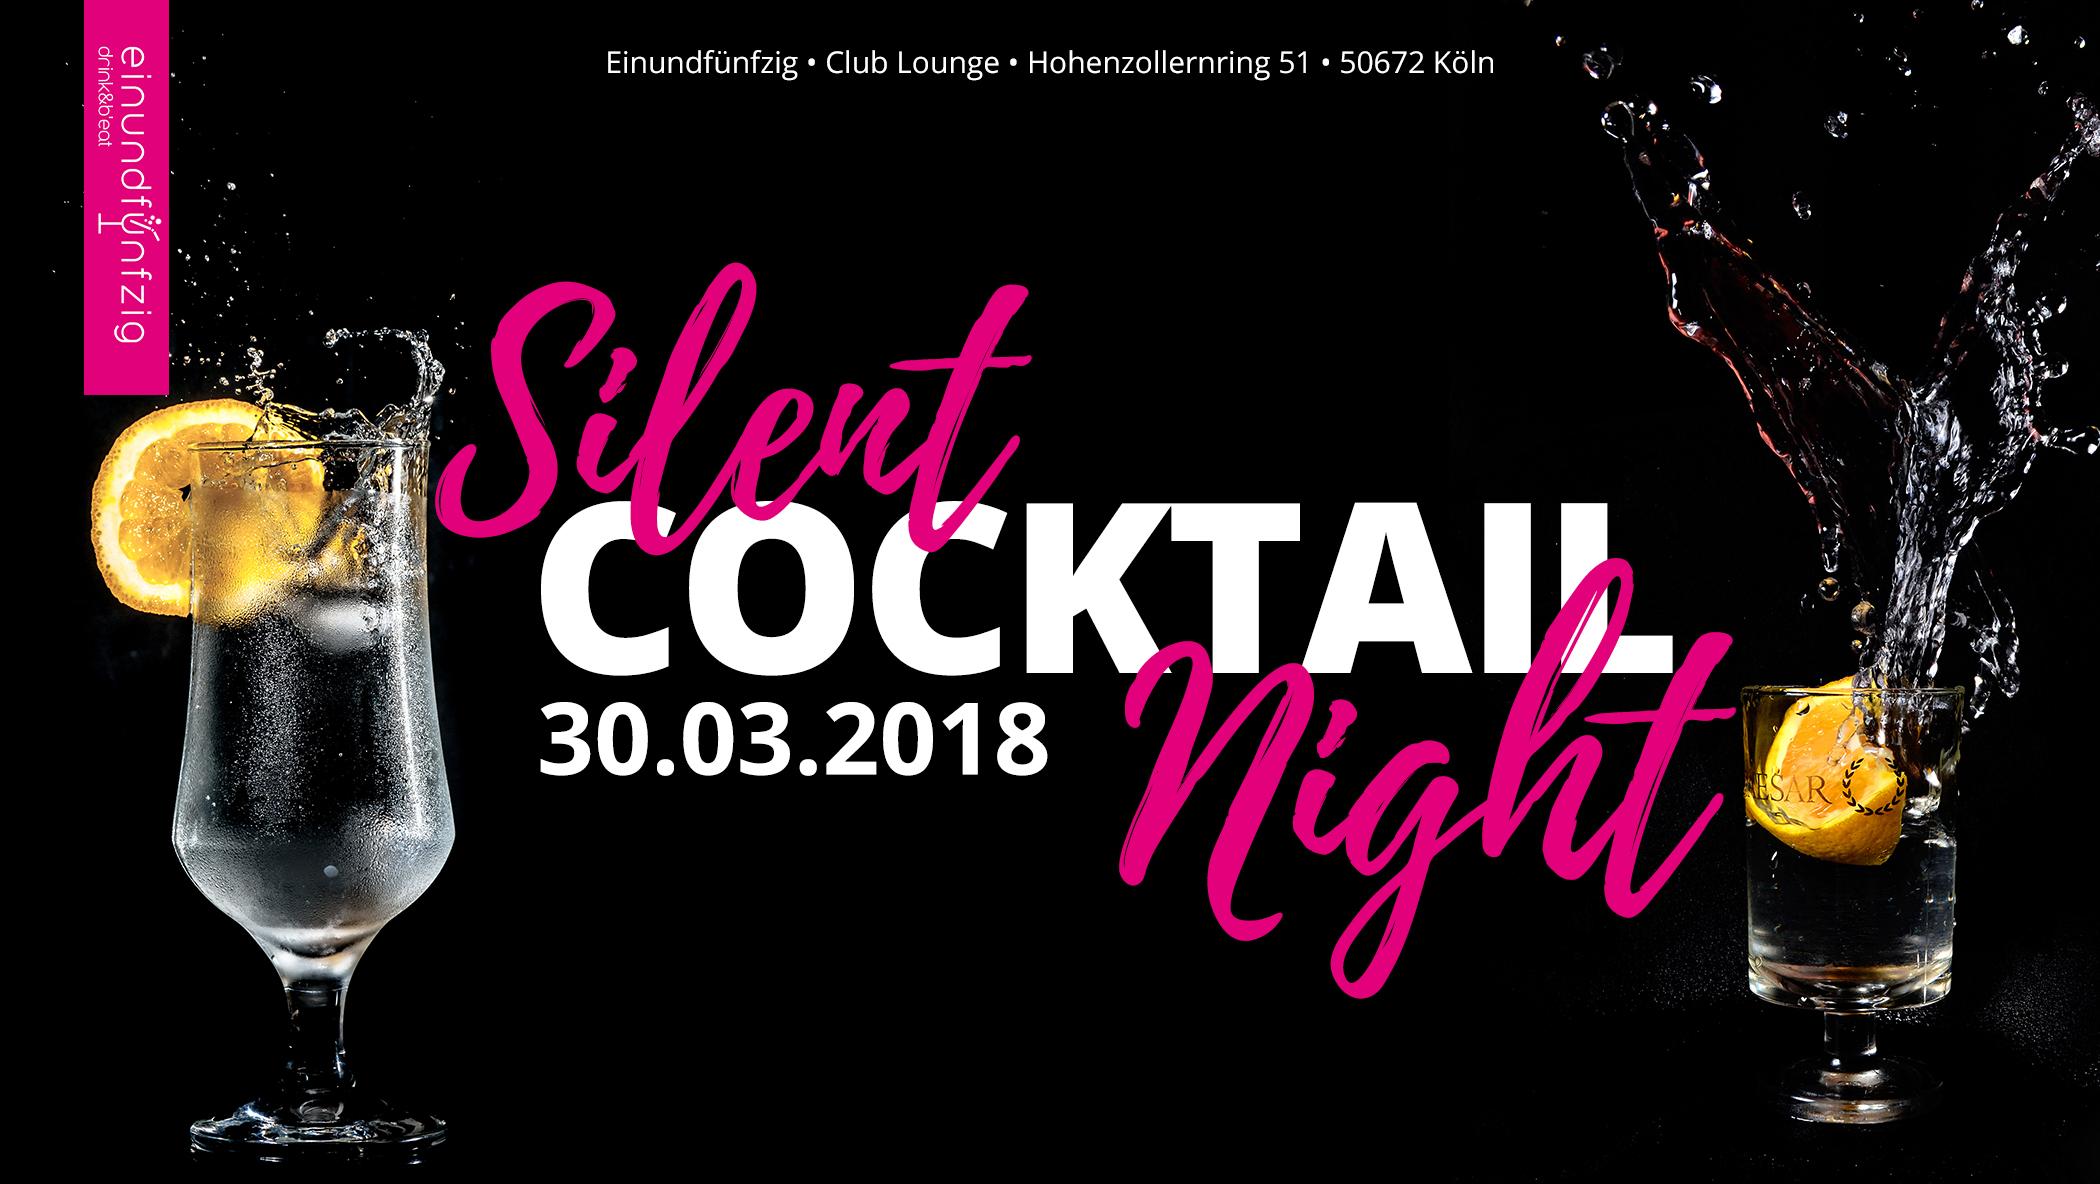 30.03.2018 – Silent Cocktail Night @Einundfünfzig